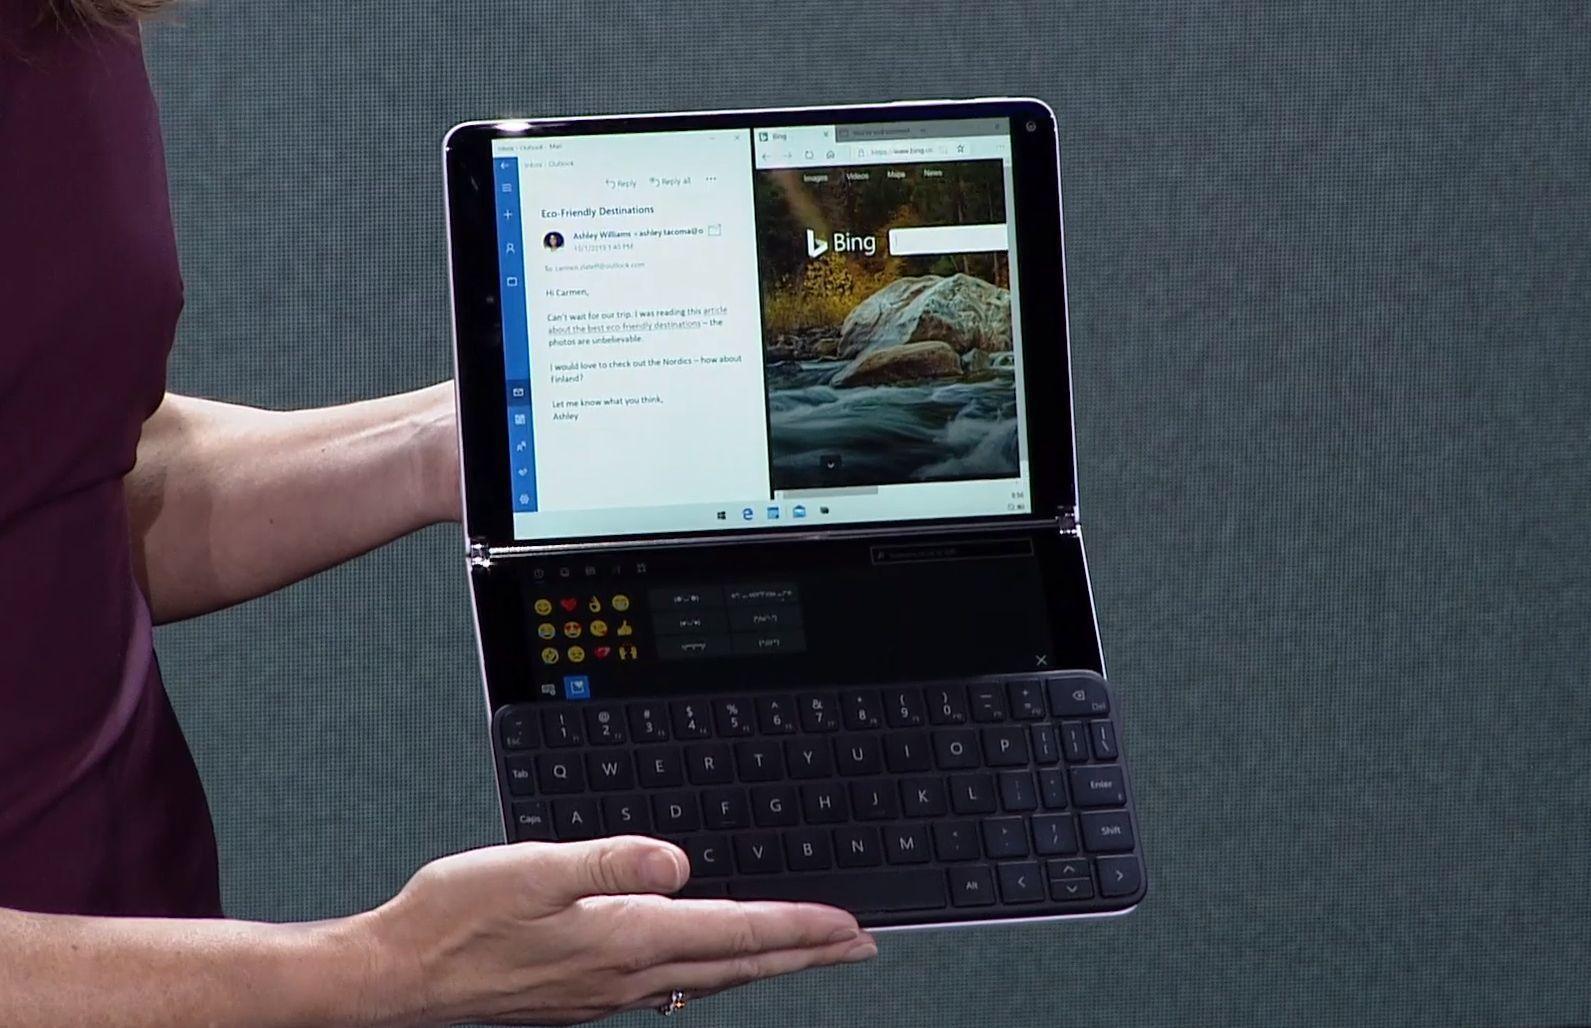 meet windows 10x  a  u0026 39 new expression u0026 39  designed for dual